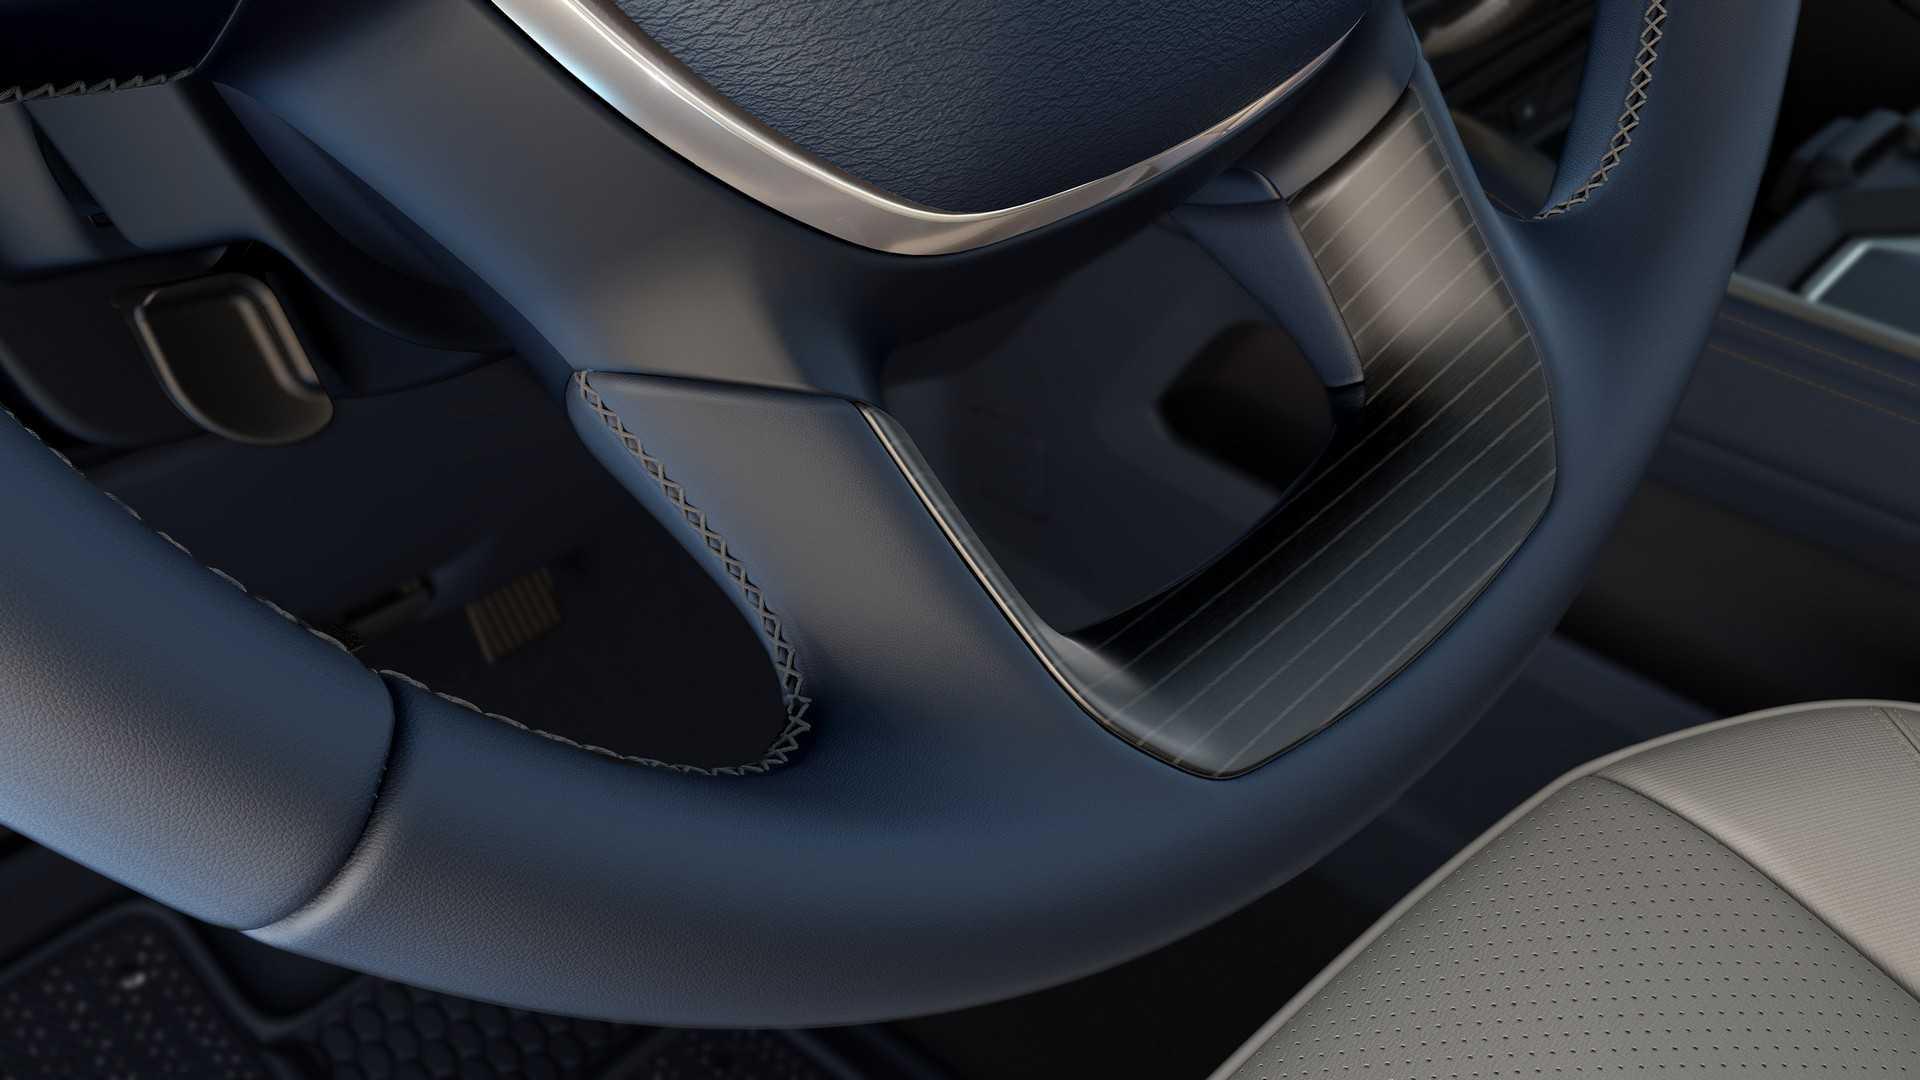 2019-ram-heavy-duty-interior (38)